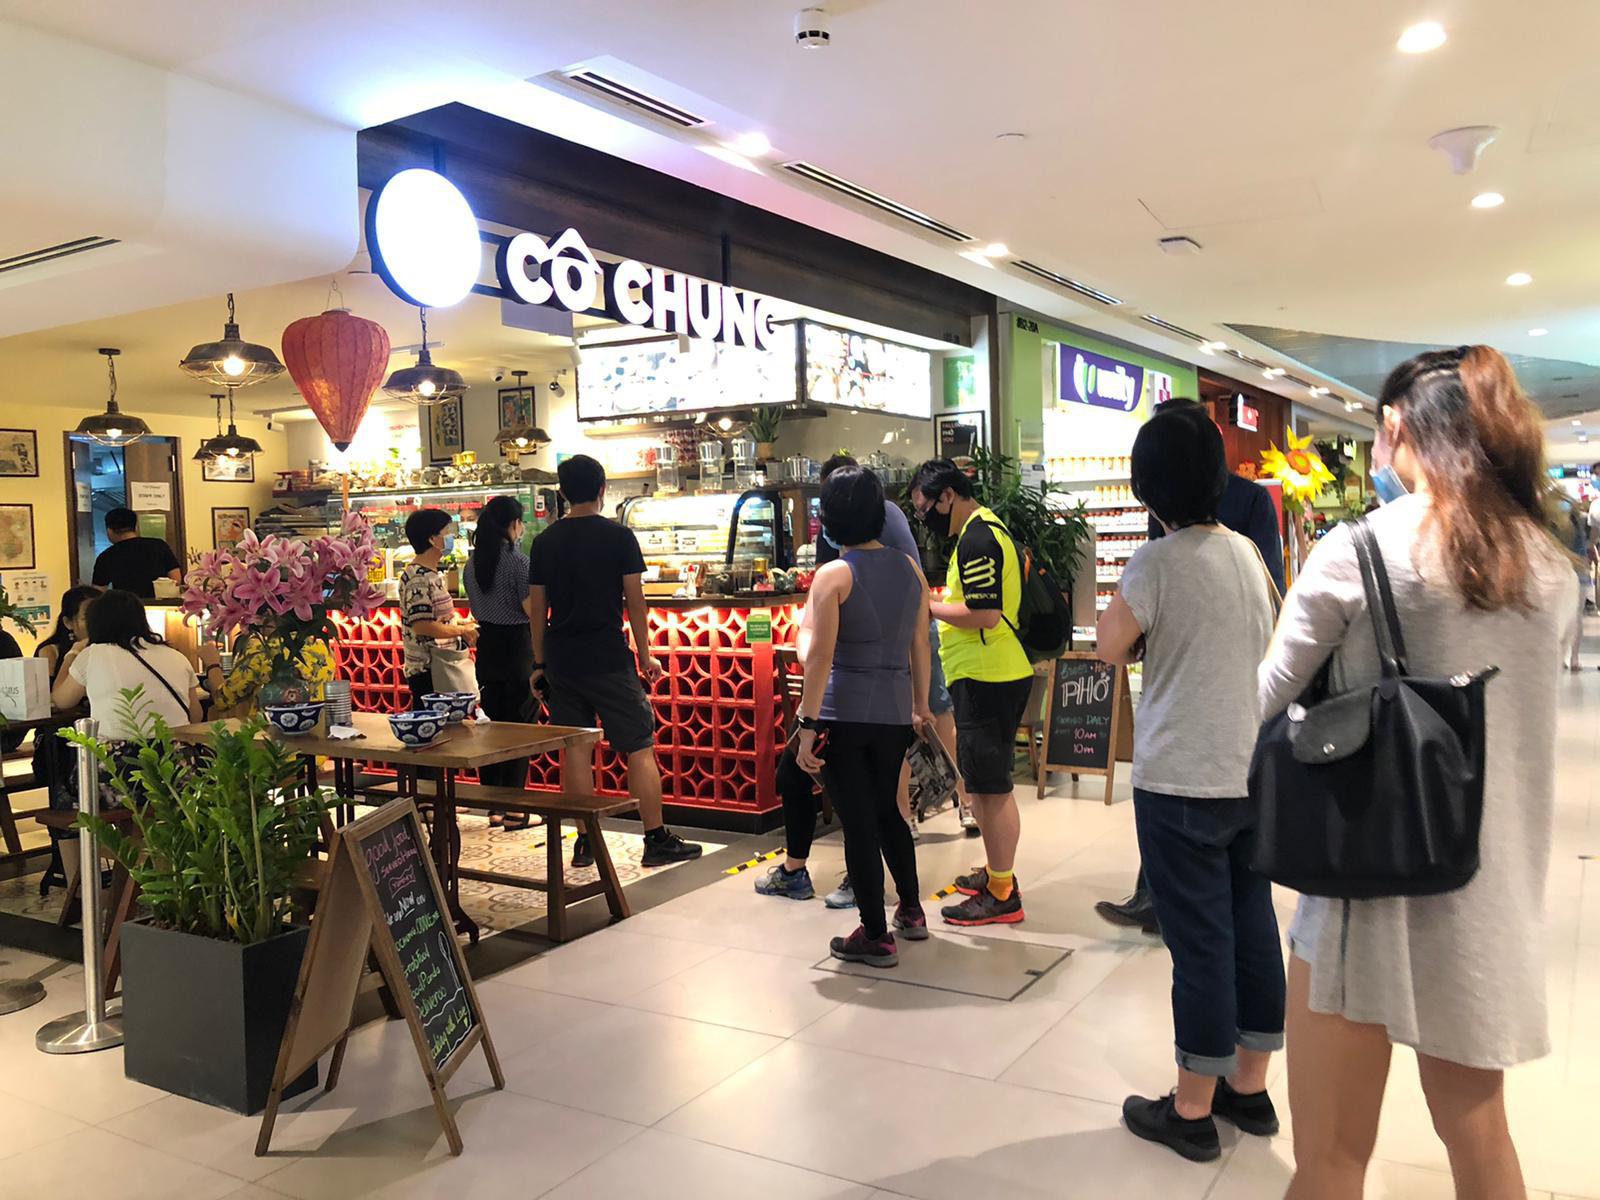 Nhà hàng Cô Chung tại Singapore được báo chí quốc tế khen ngợi - Ảnh 6.